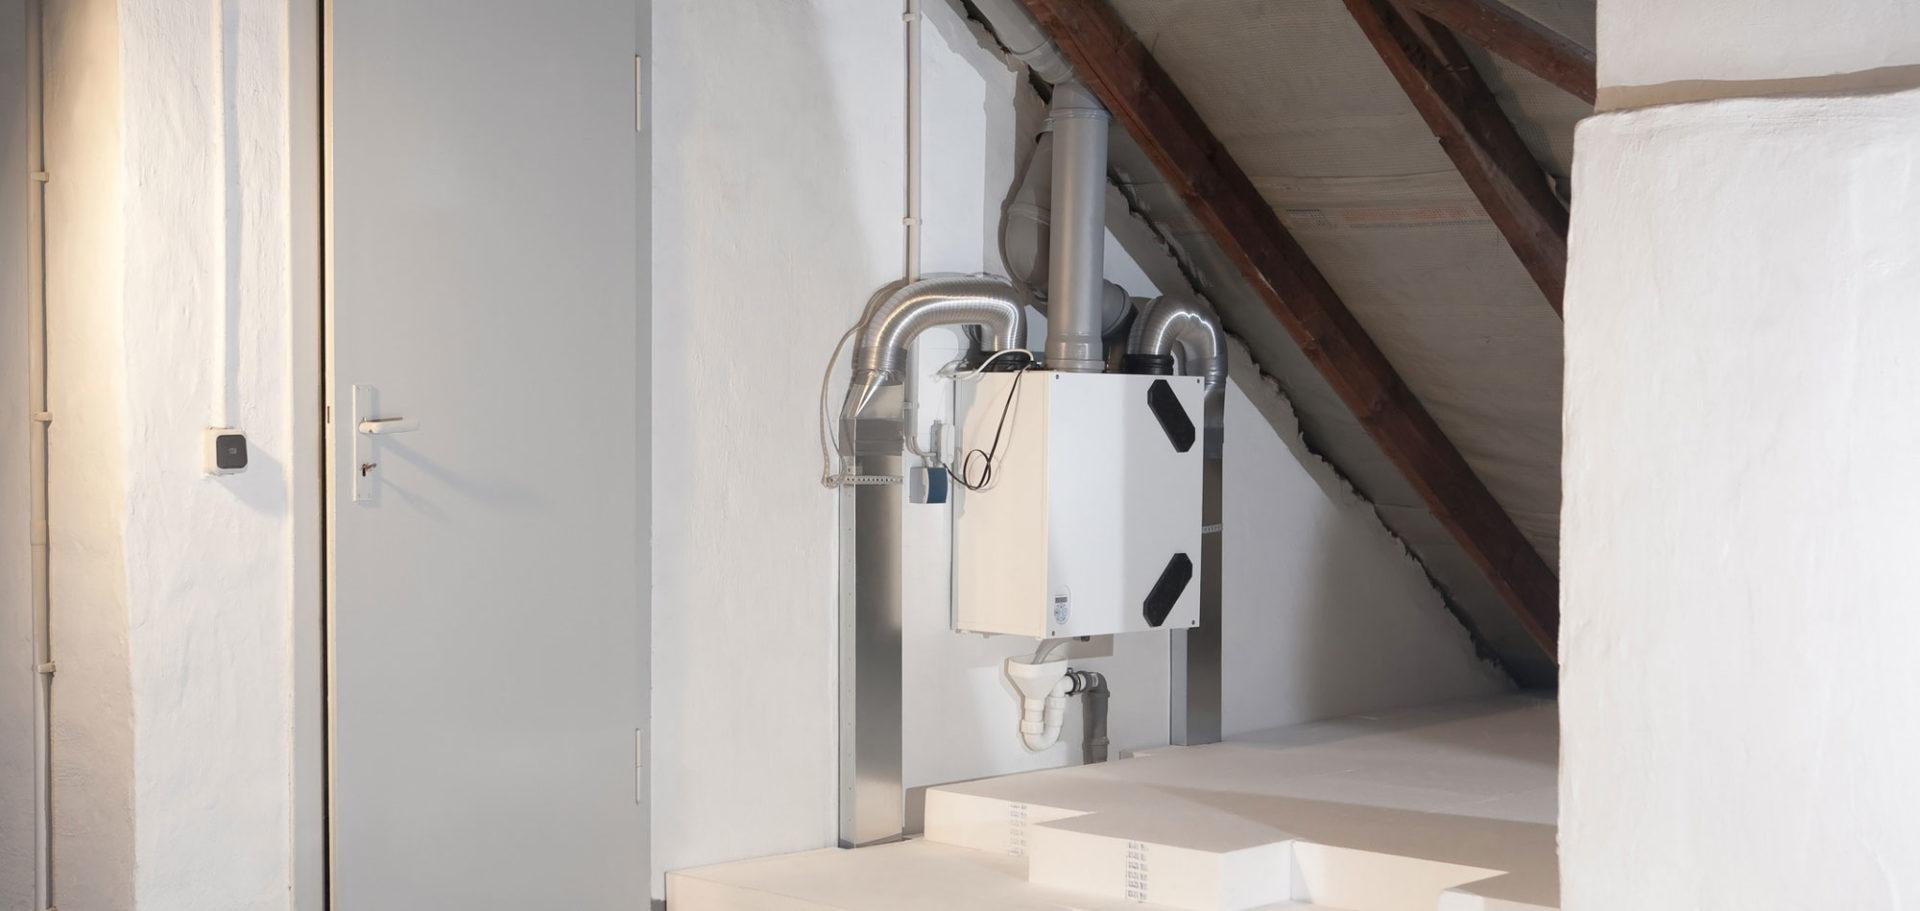 Kontrollierte Wohnraum Lüftung Kwl Schönfeld Gmbh Sanitär Heizung